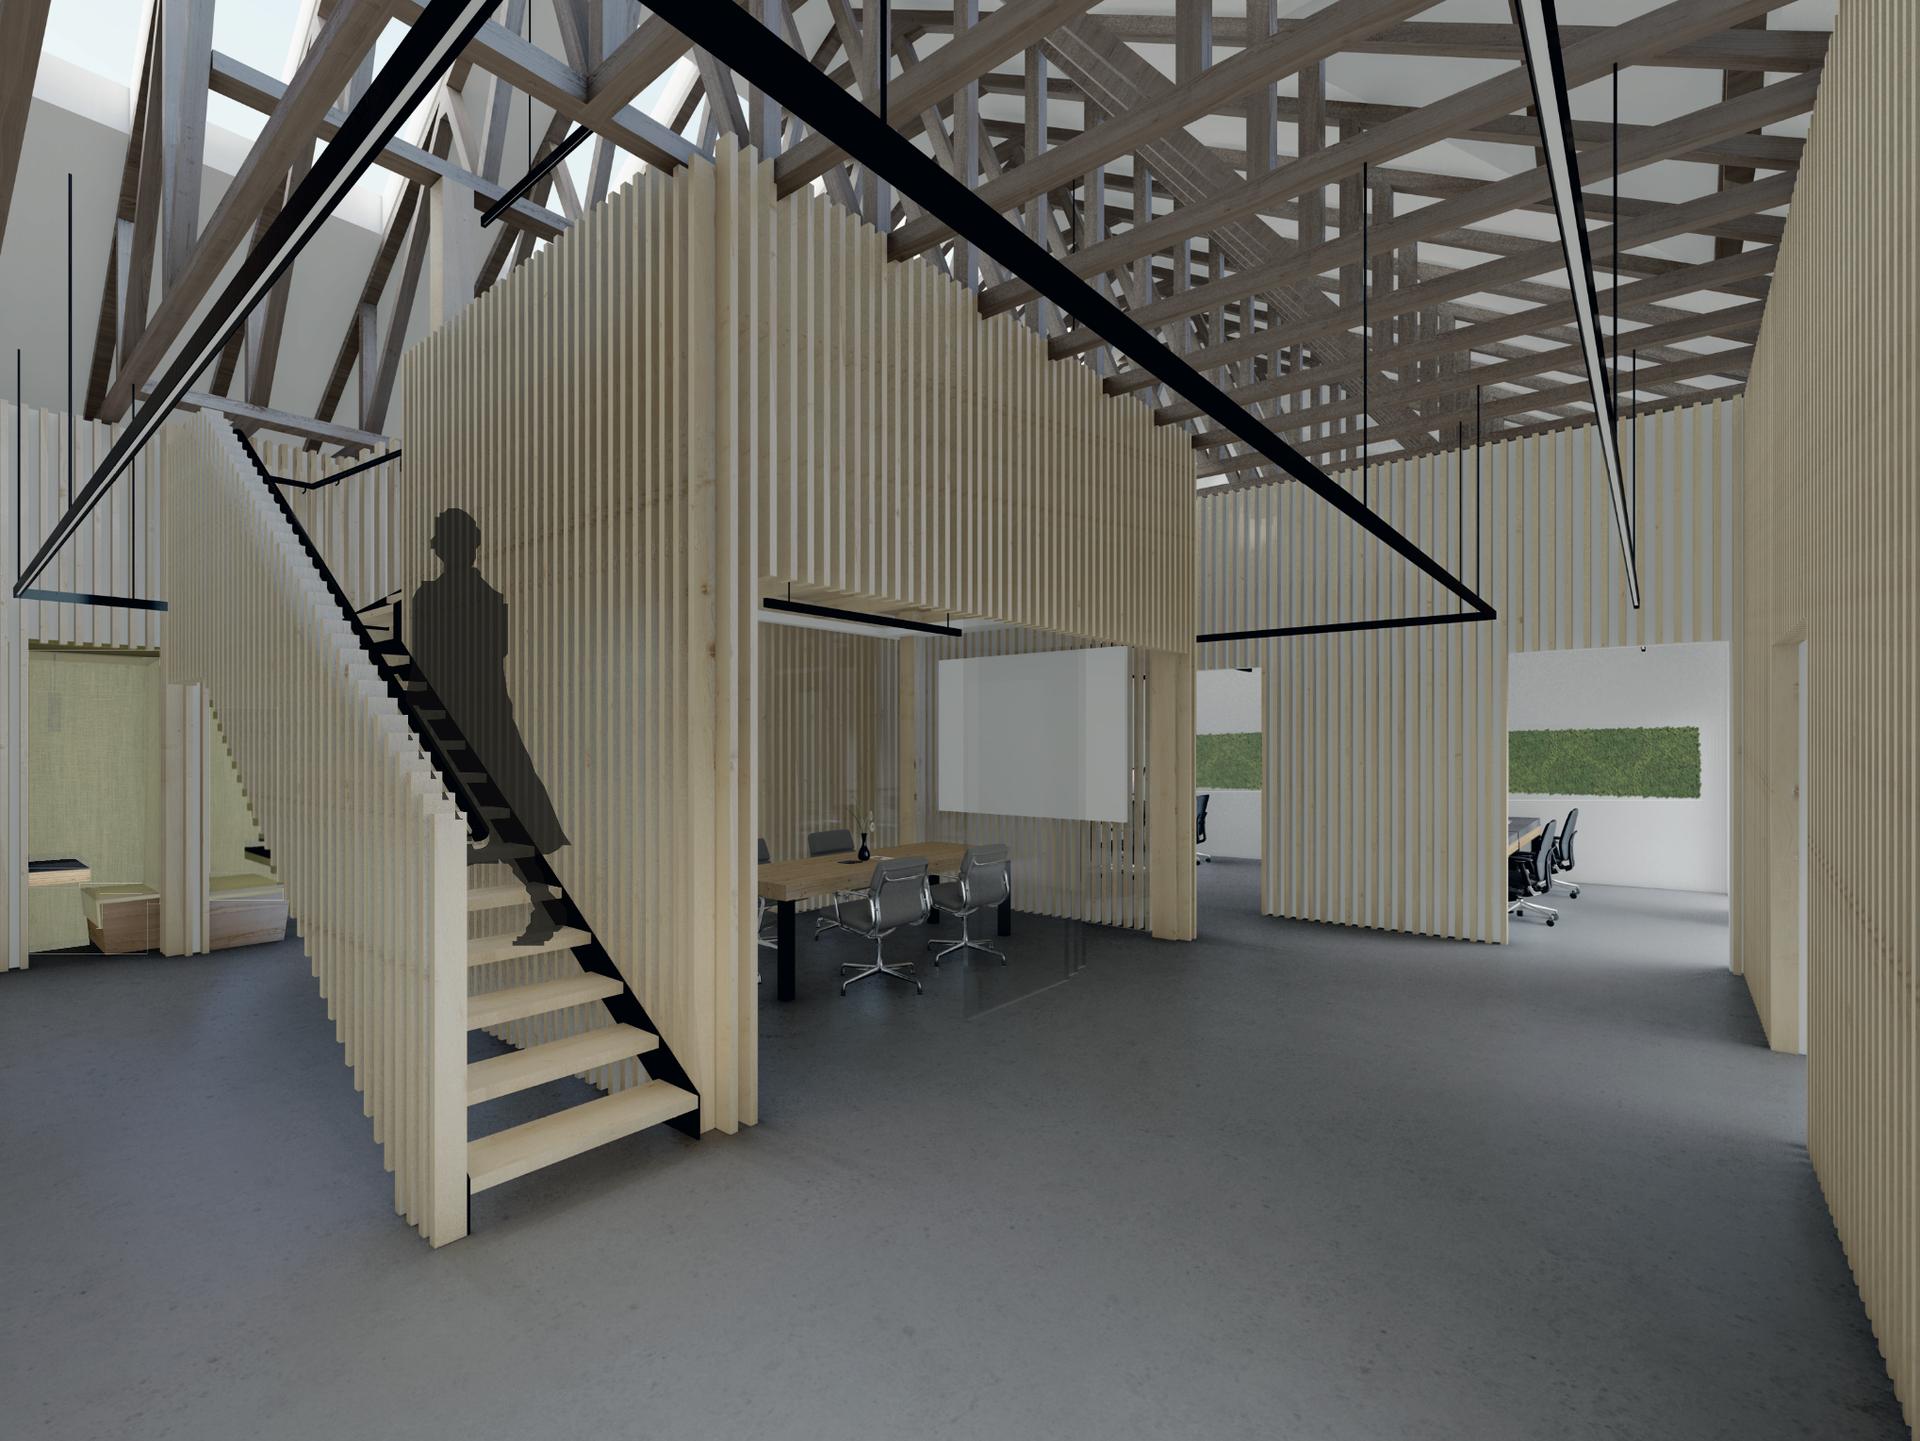 Projekt Konstruktion Detmolder Schule für Architektur und ...